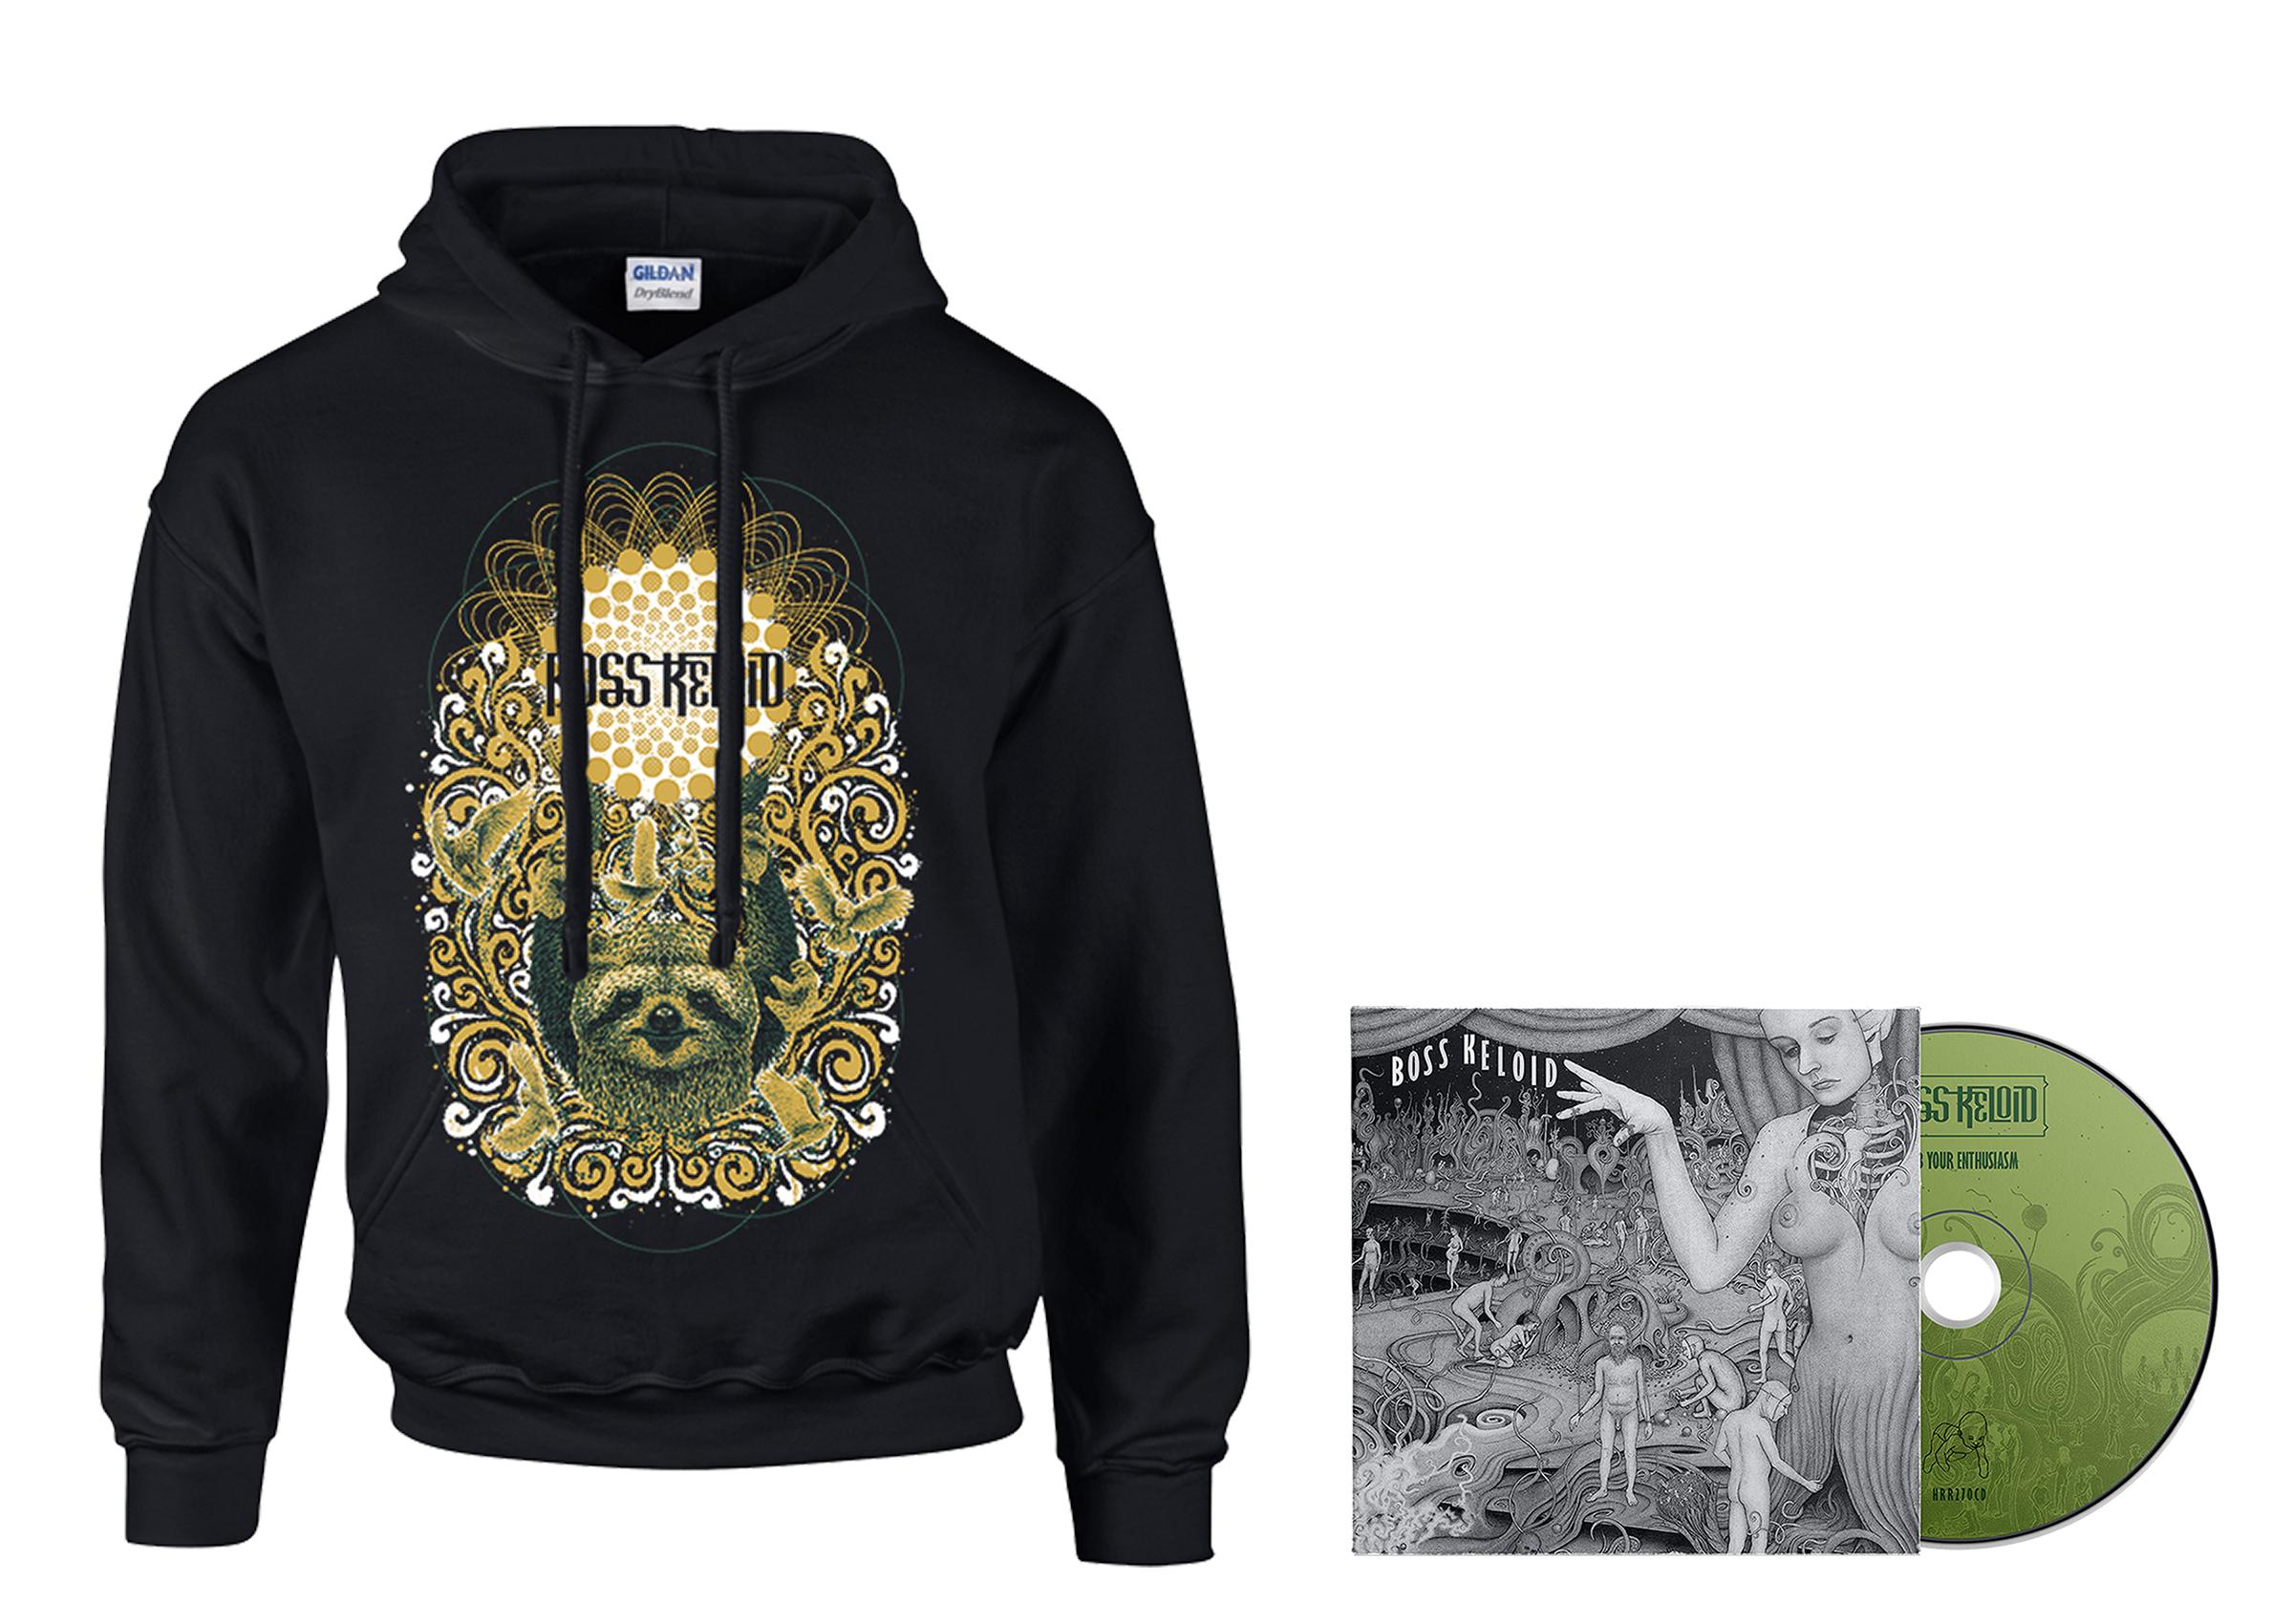 Boss Keloid - Herb Your Enthusiasm hoodie + CD PREORDER